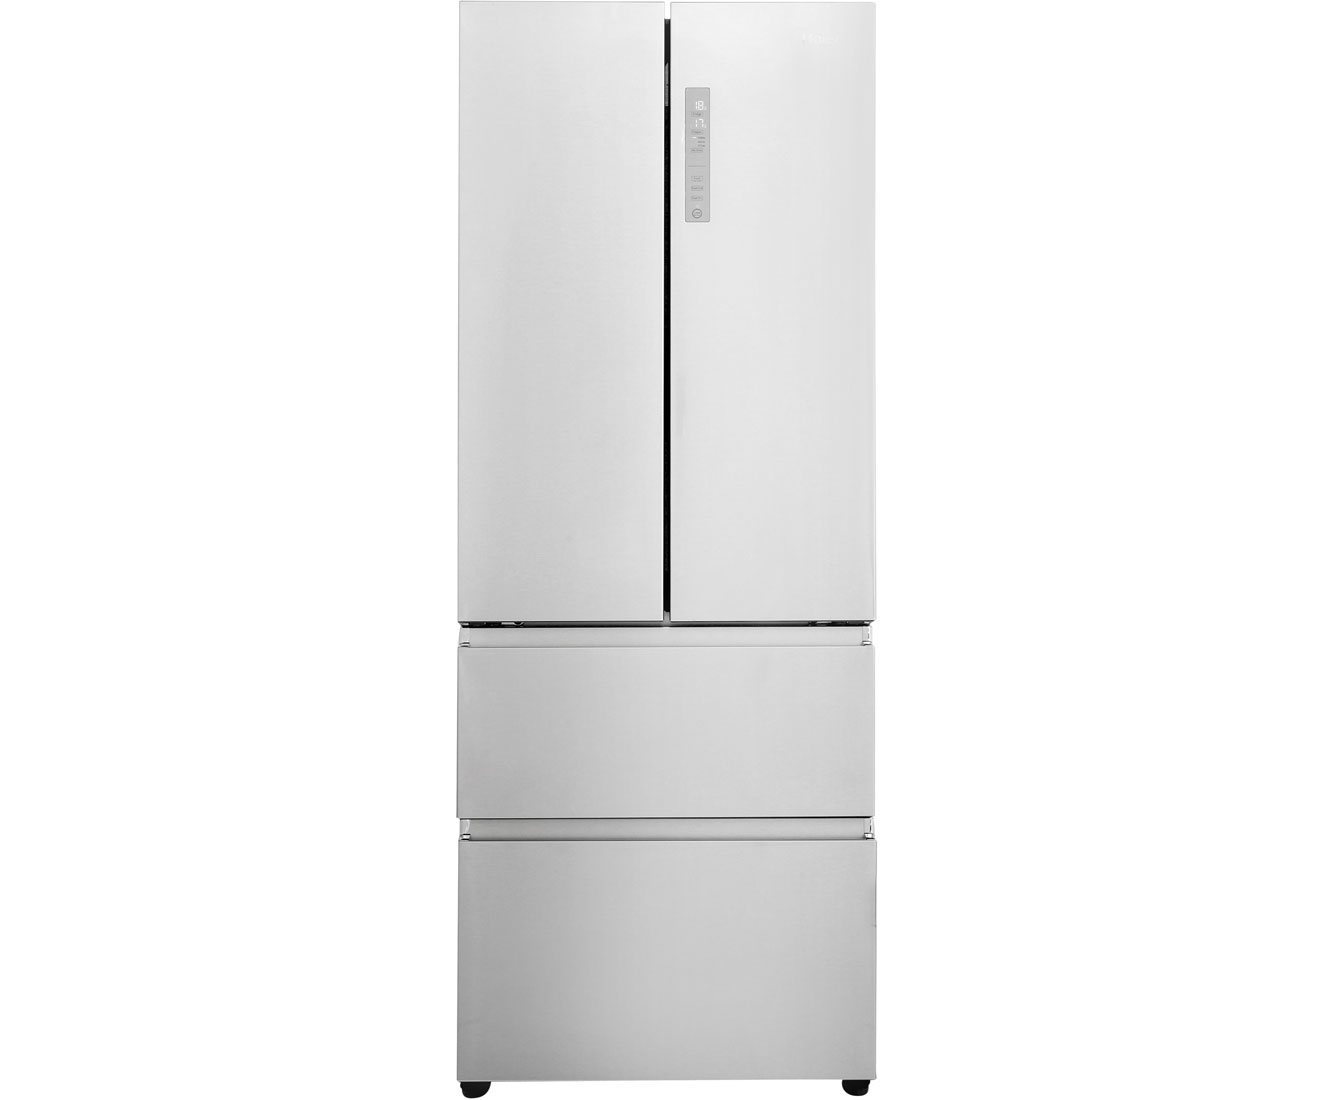 Amerikanischer Kühlschrank Schmal : Kühlschrank cm tief kühlschrank modelle